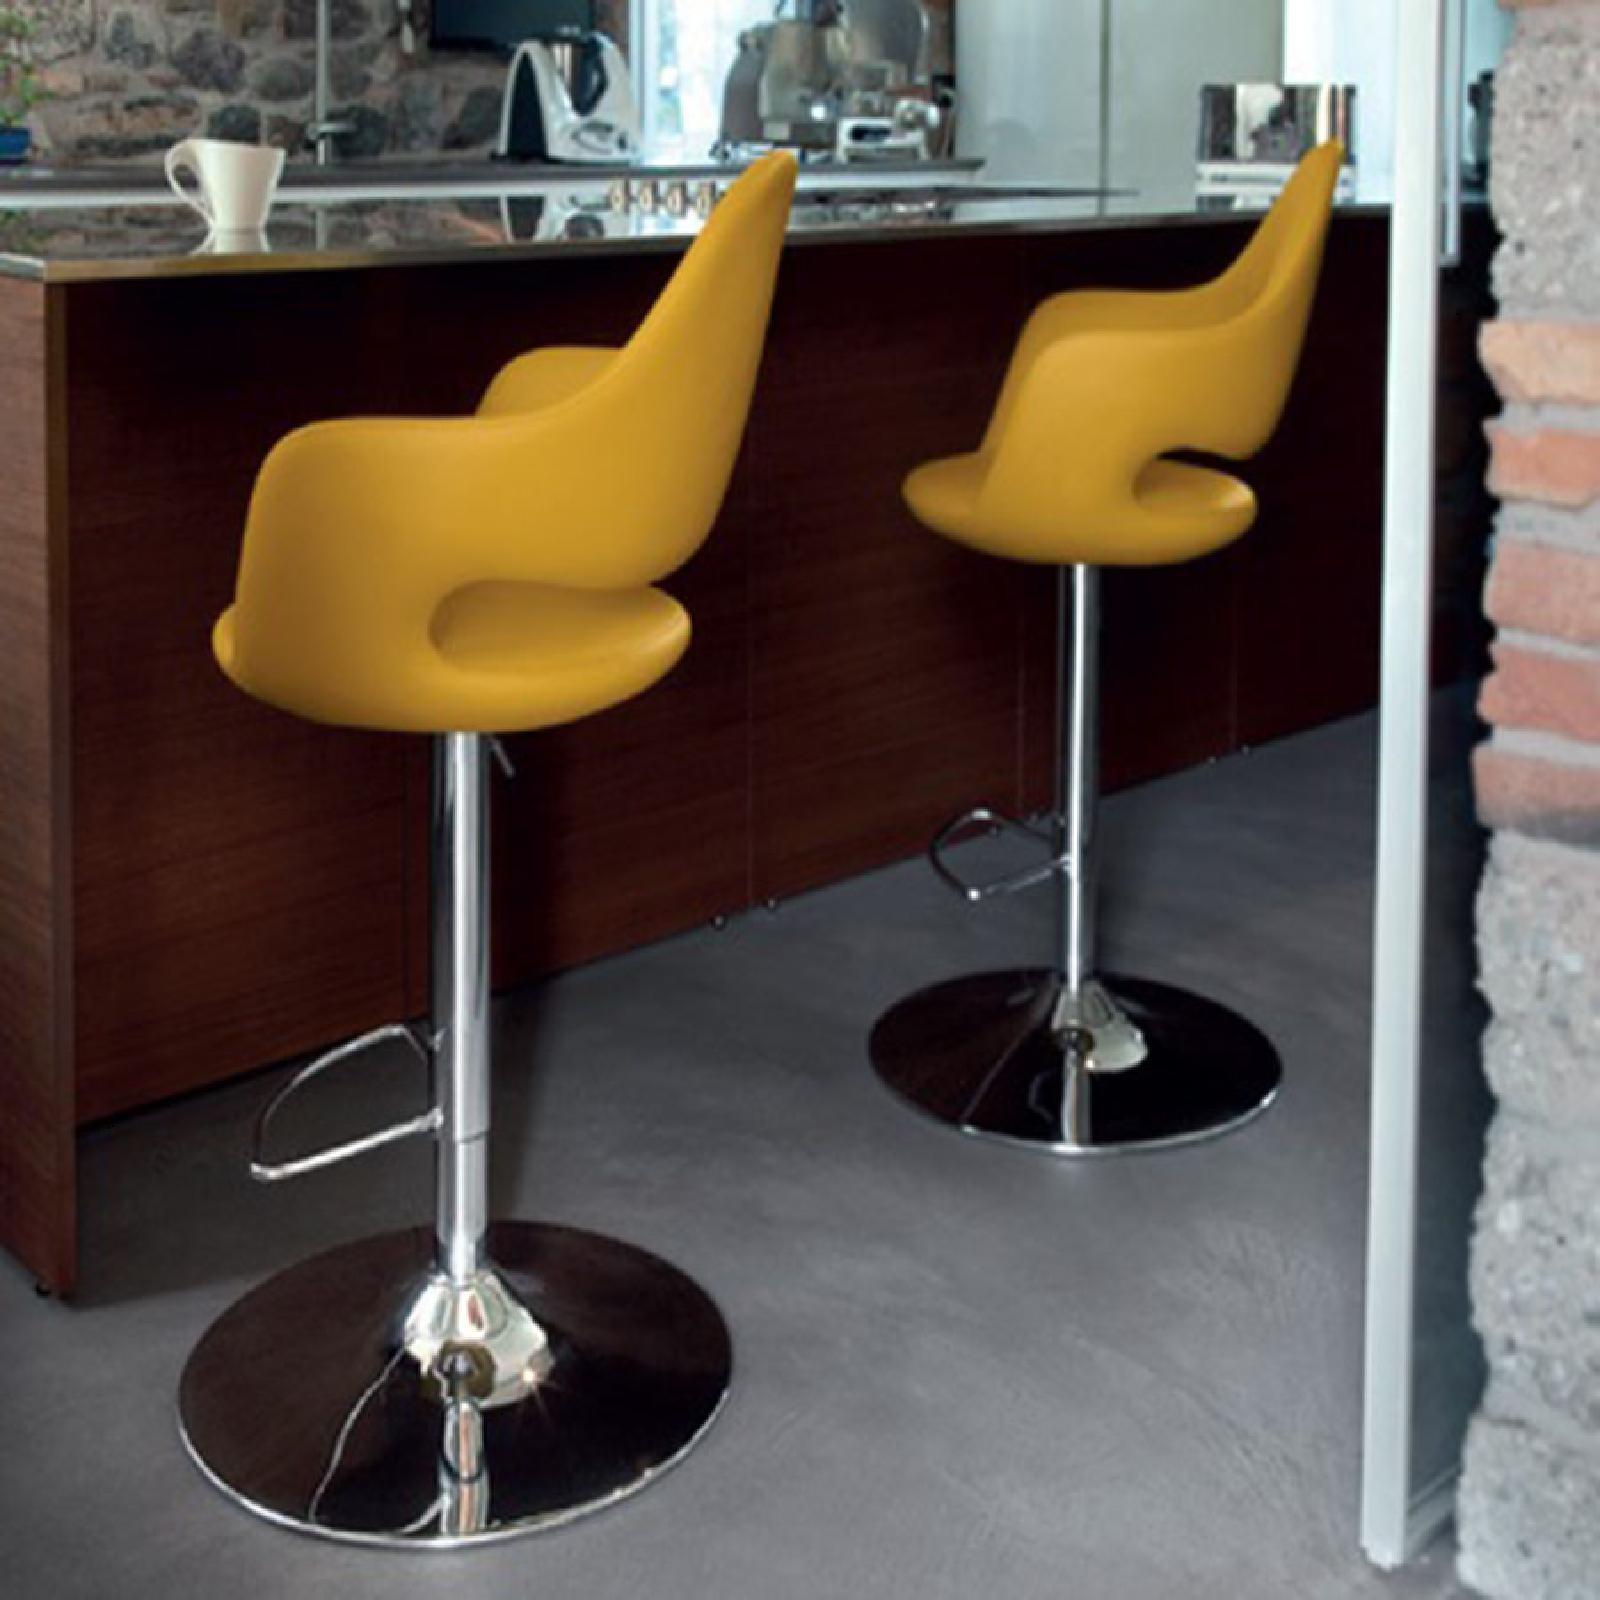 tabouret bar design mobilier design d coration d 39 int rieur. Black Bedroom Furniture Sets. Home Design Ideas